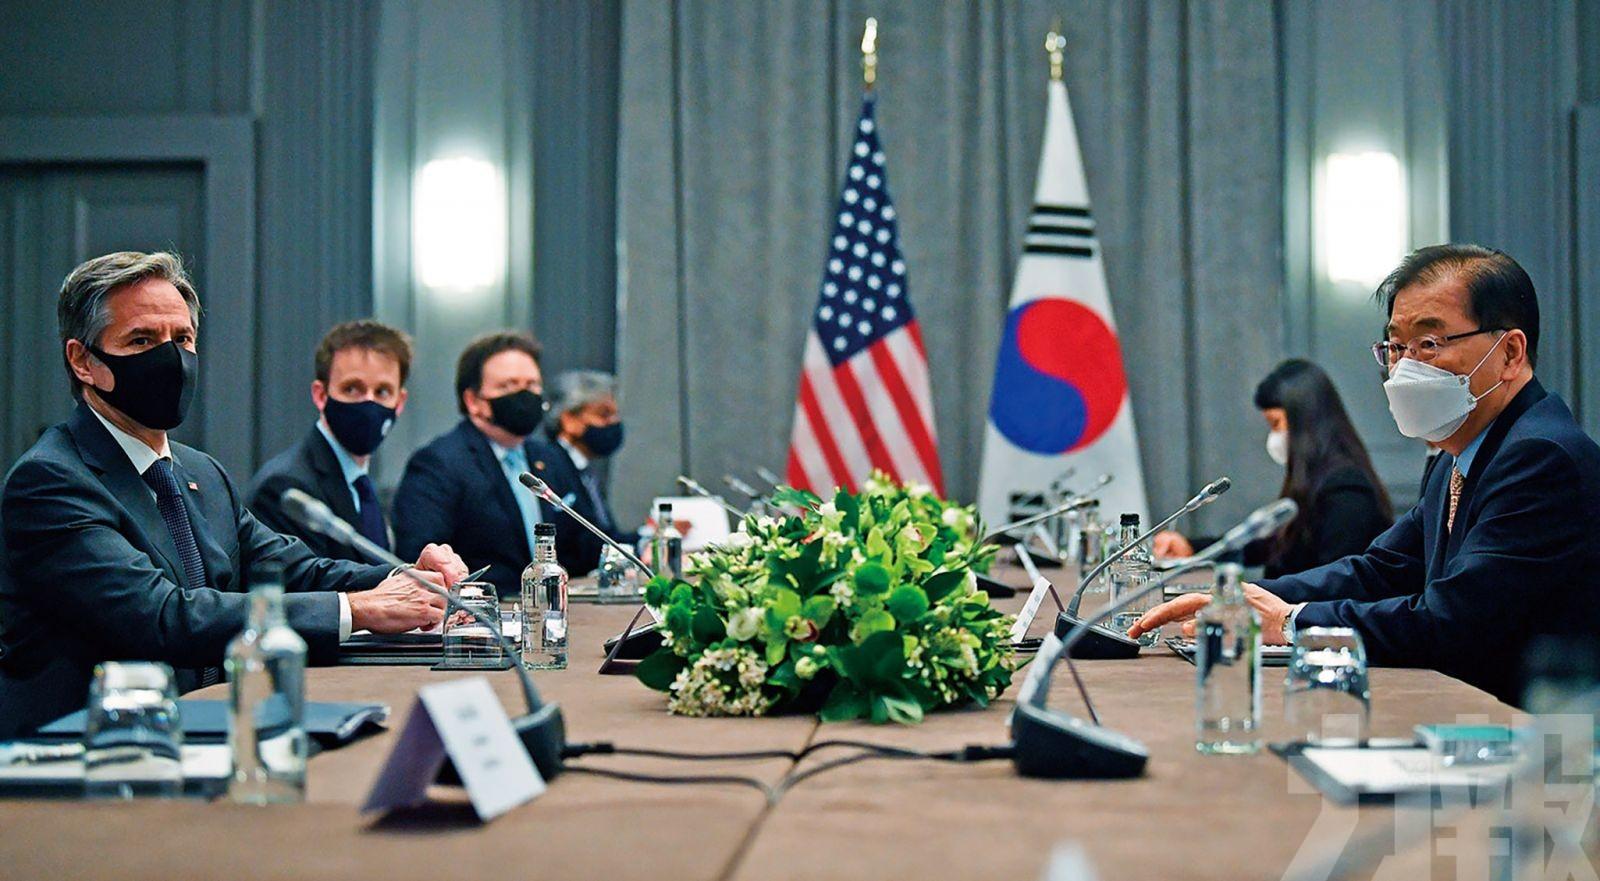 布林肯:中美軍事對抗違兩國利益